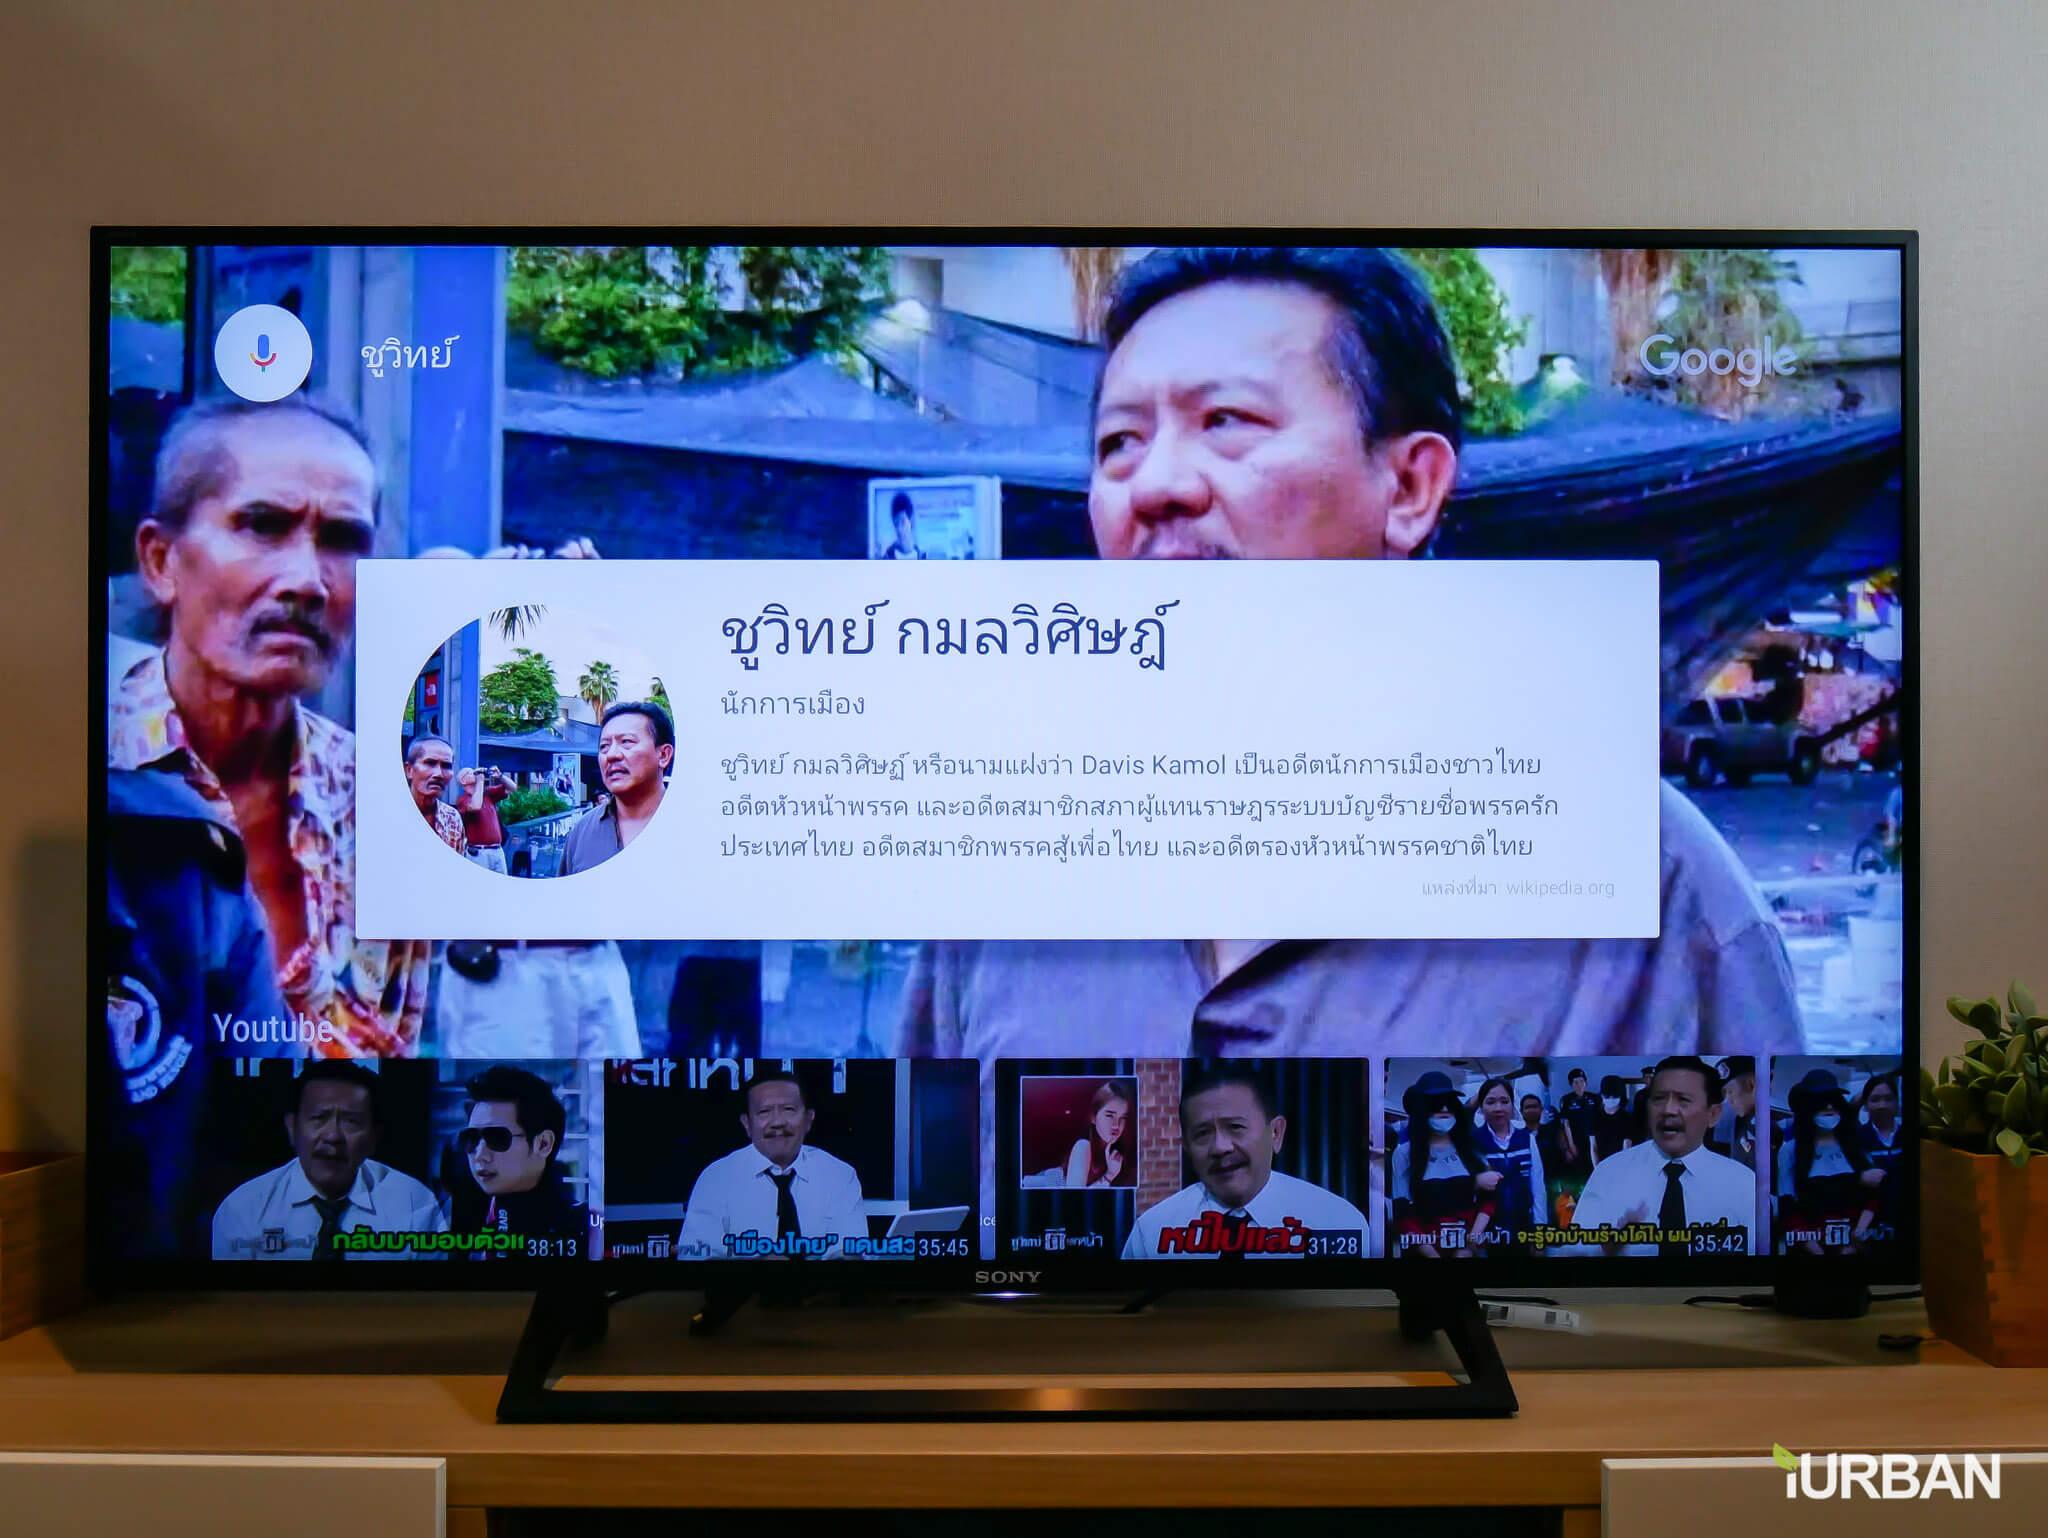 รีวิว SONY Android TV รุ่น X8000E งบ 26,990 แต่สเปค 4K HDR เชื่อมโลก Social กับทีวีอย่างสมบูรณ์แบบ 41 - Android